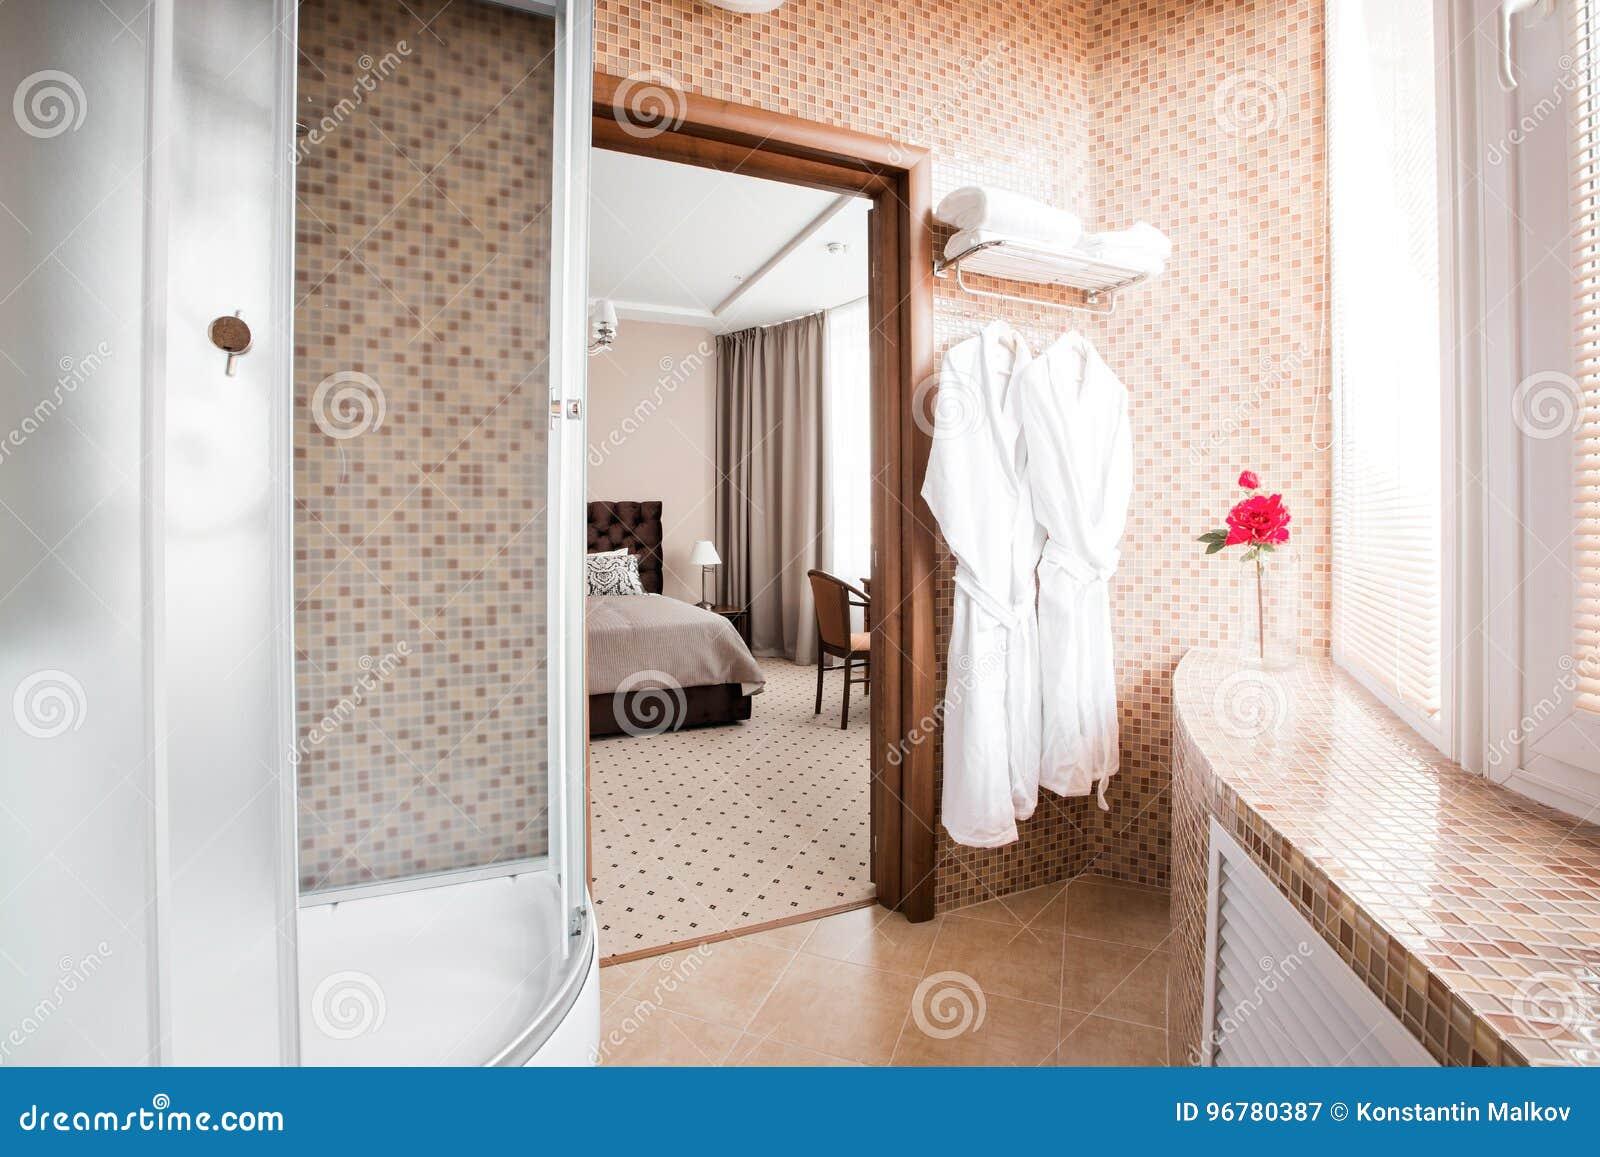 Bagno con doccia e finestra body art